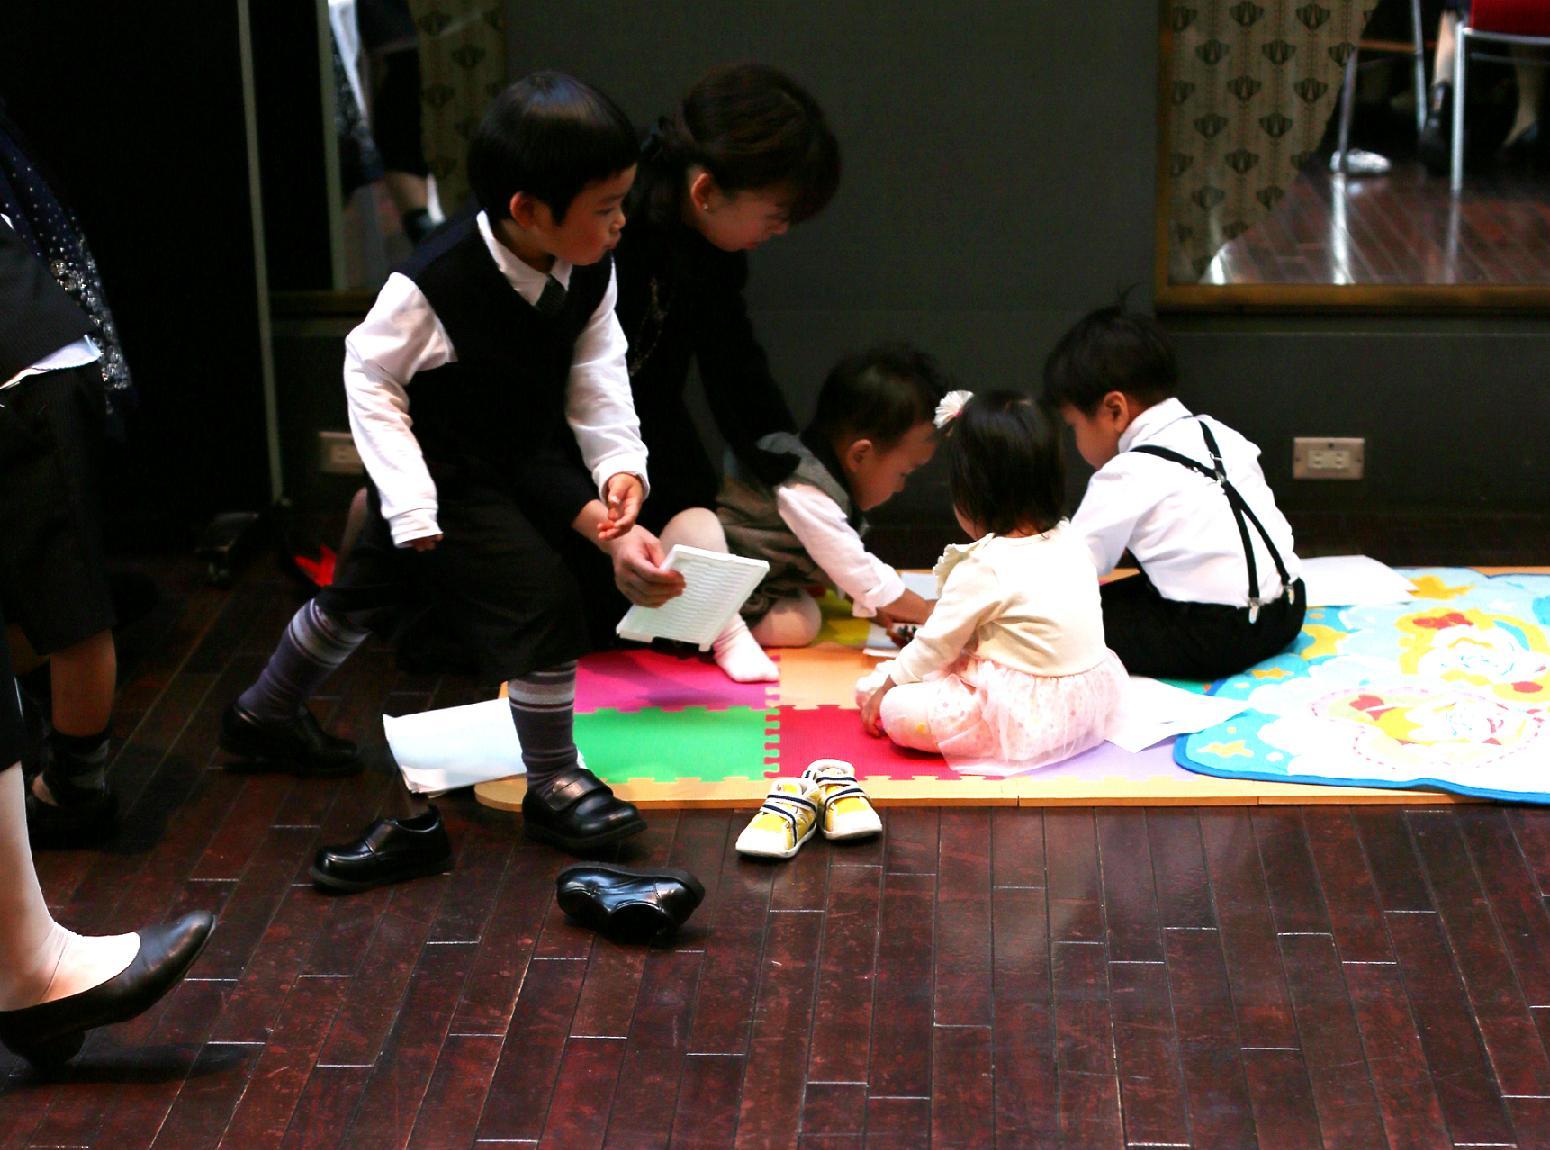 ブライダルレポート Norihiko & Izumi実際の写真1